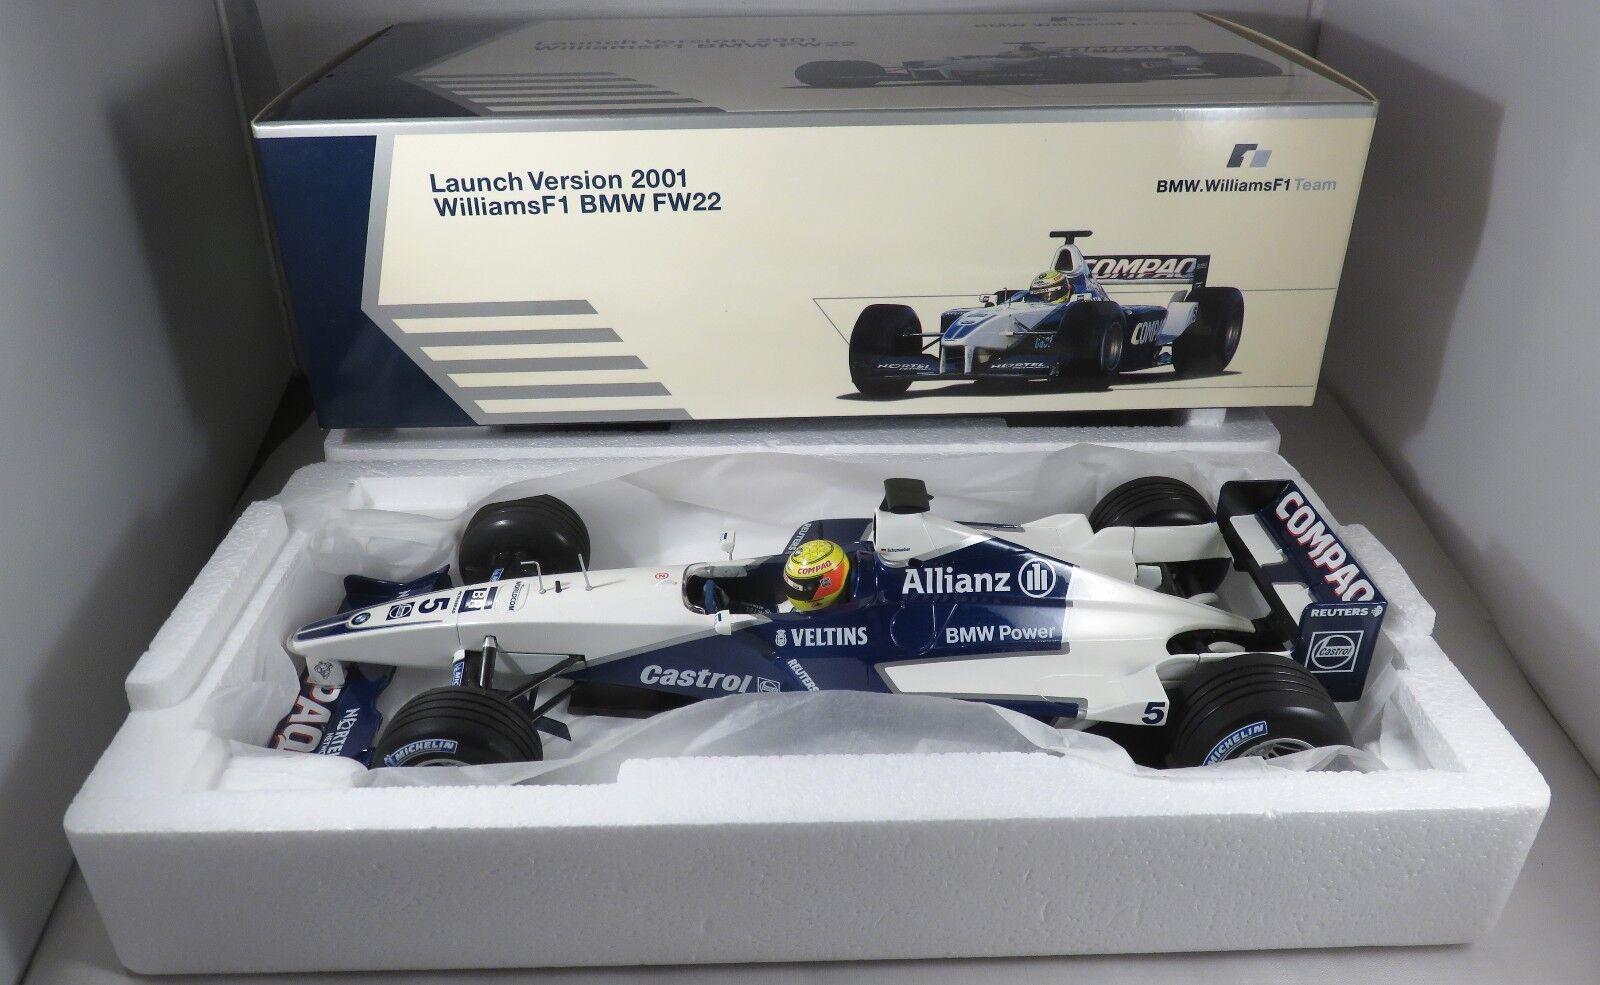 WILLIAMS FW23 #5 Ralf SCHUMACHER SCHUMACHER SCHUMACHER F1 2001 LAUNCH VERSION BMW BOX MINICHAMPS 1:18 534c6b